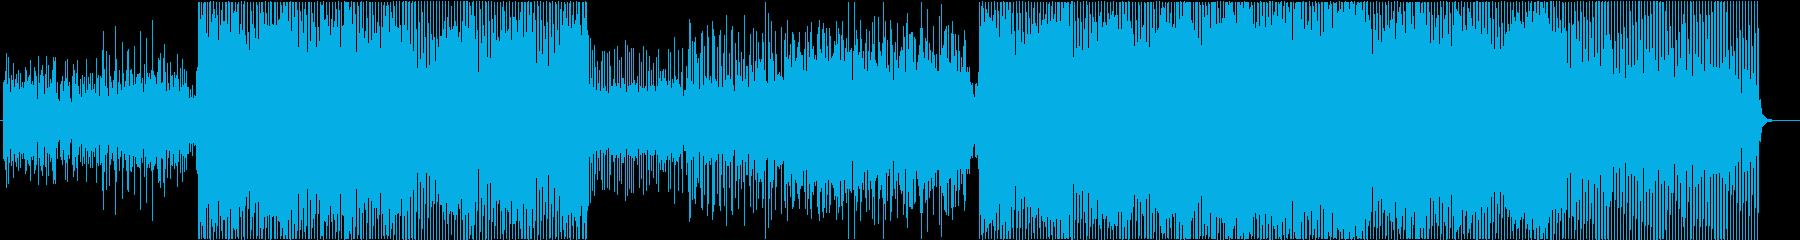 ピアノから始まる叙情的な4つ打ちEDMの再生済みの波形